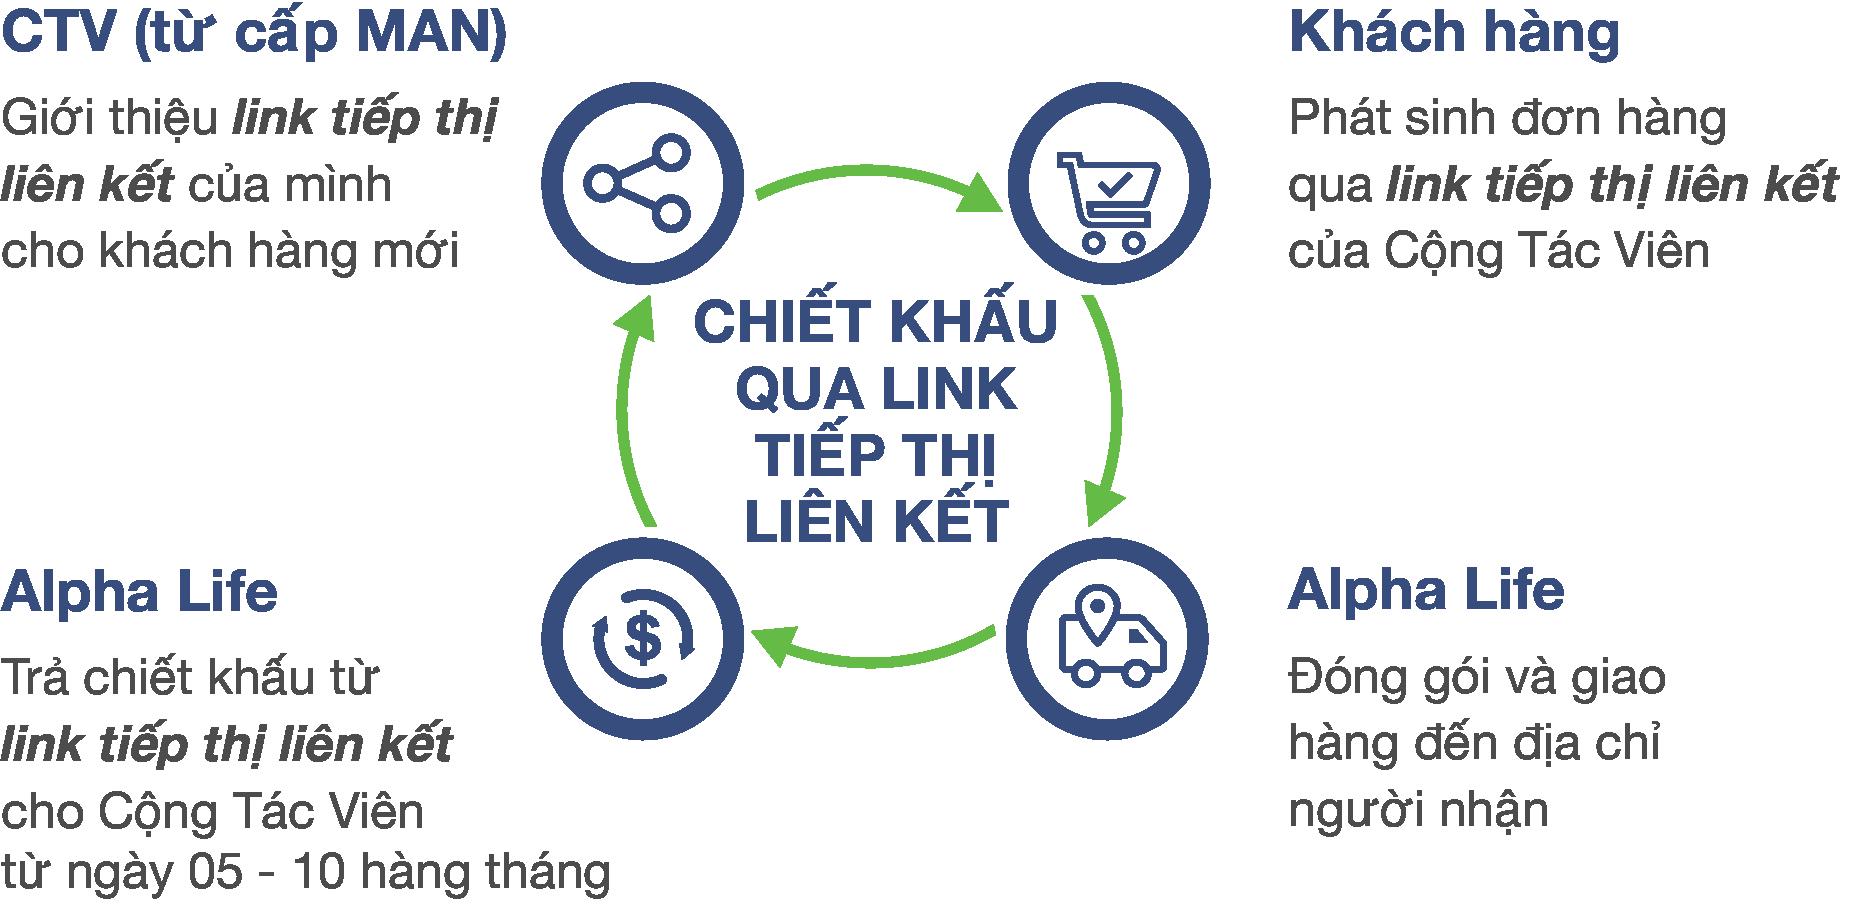 Các bước nhận chiết khấu qua link tiếp thị liên kết